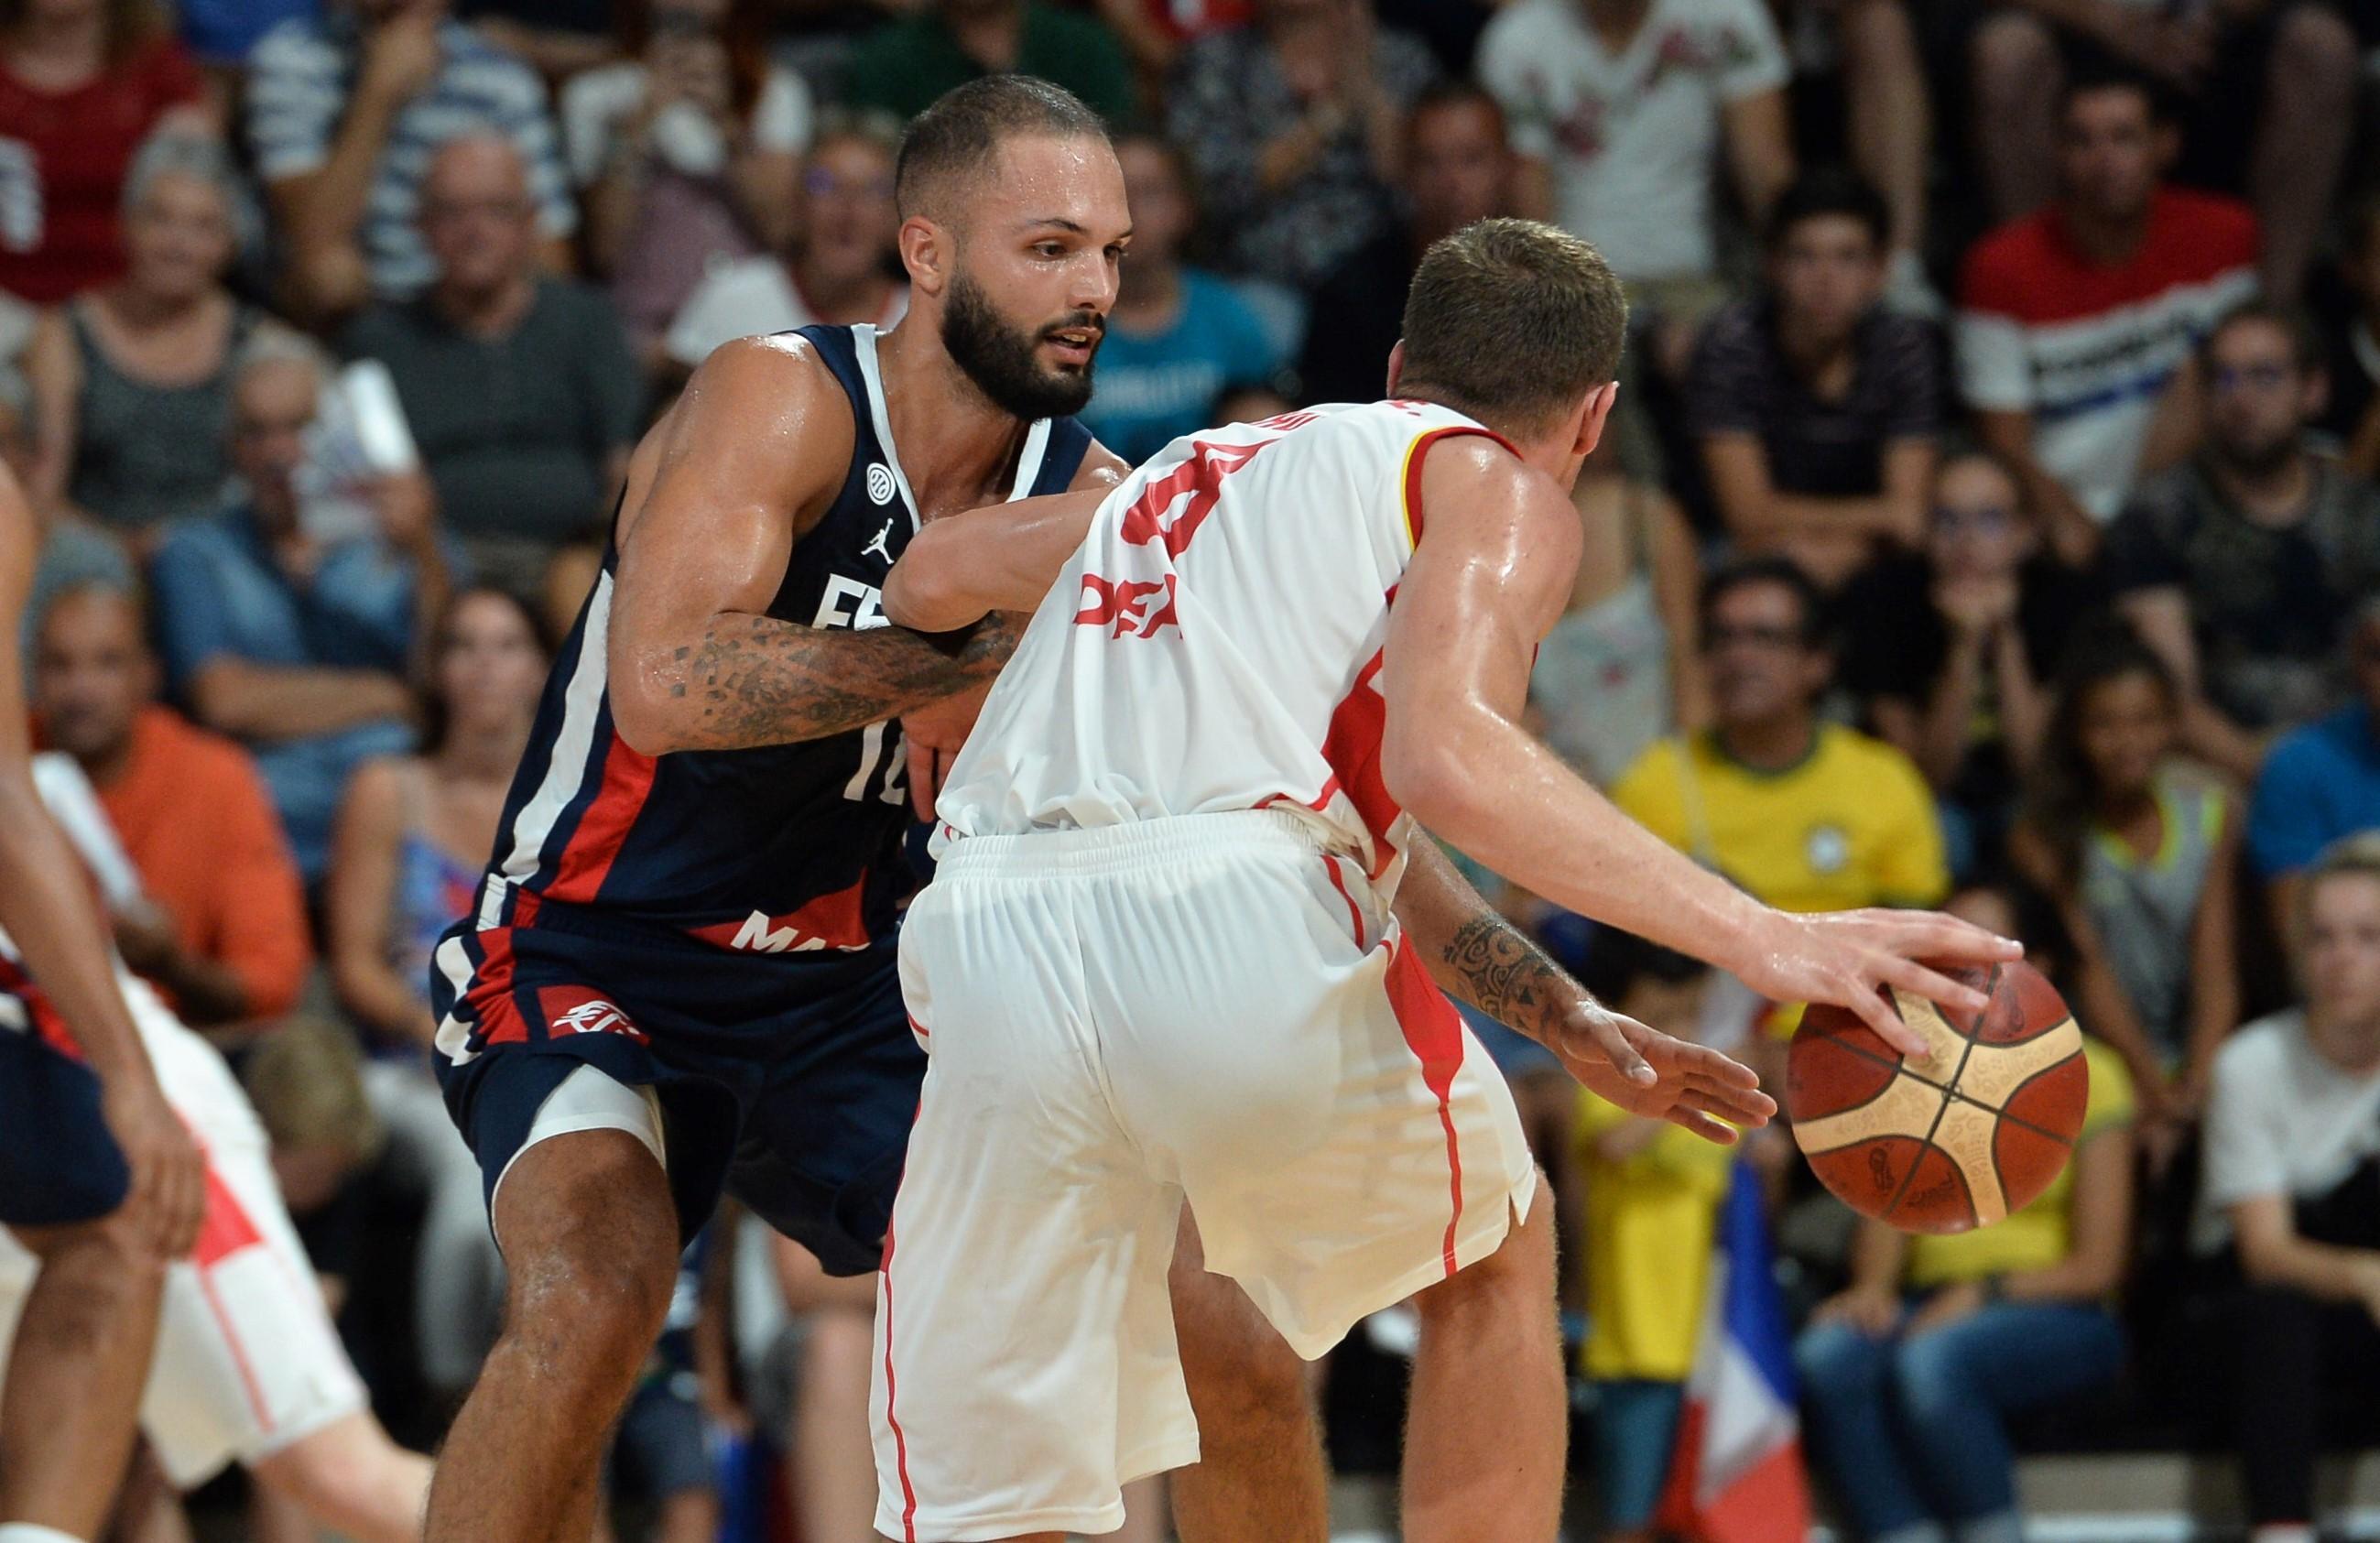 Basket - Equipe de France - Basket : les Bleus accélèrent sur la fin face au Monténégro